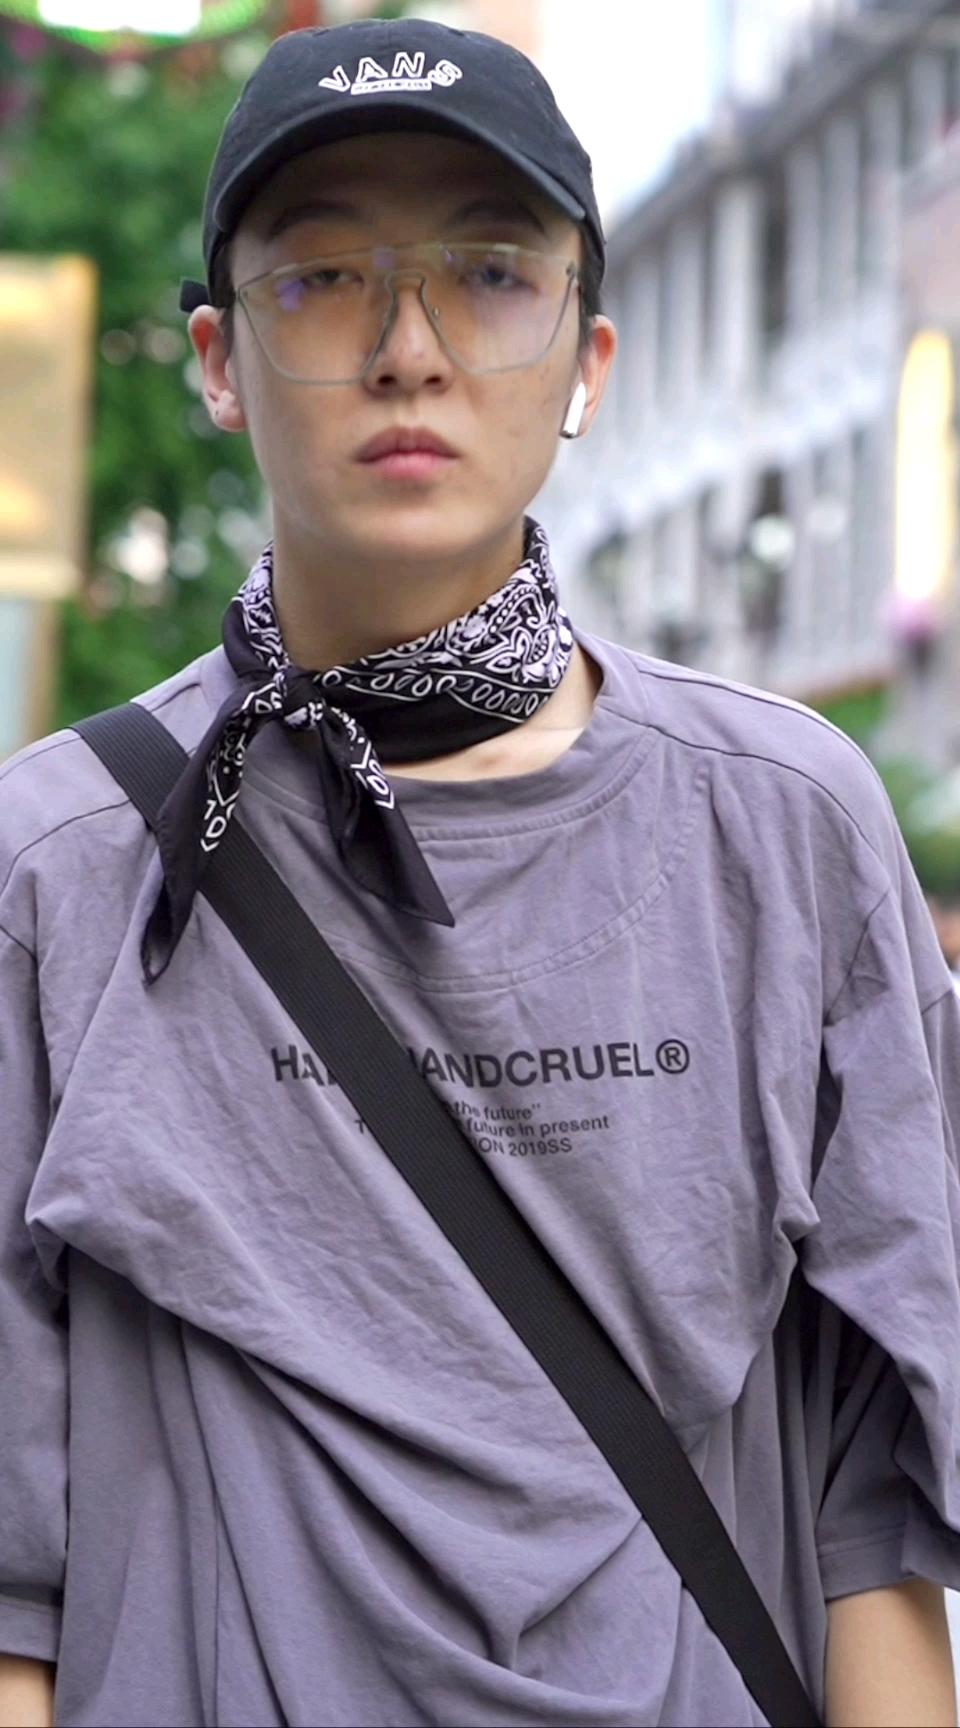 男生学会穿搭还有女生什么事?看最后这位武汉小哥真的很严格!#时尚# 如果拥有一种超能力,你希望是?